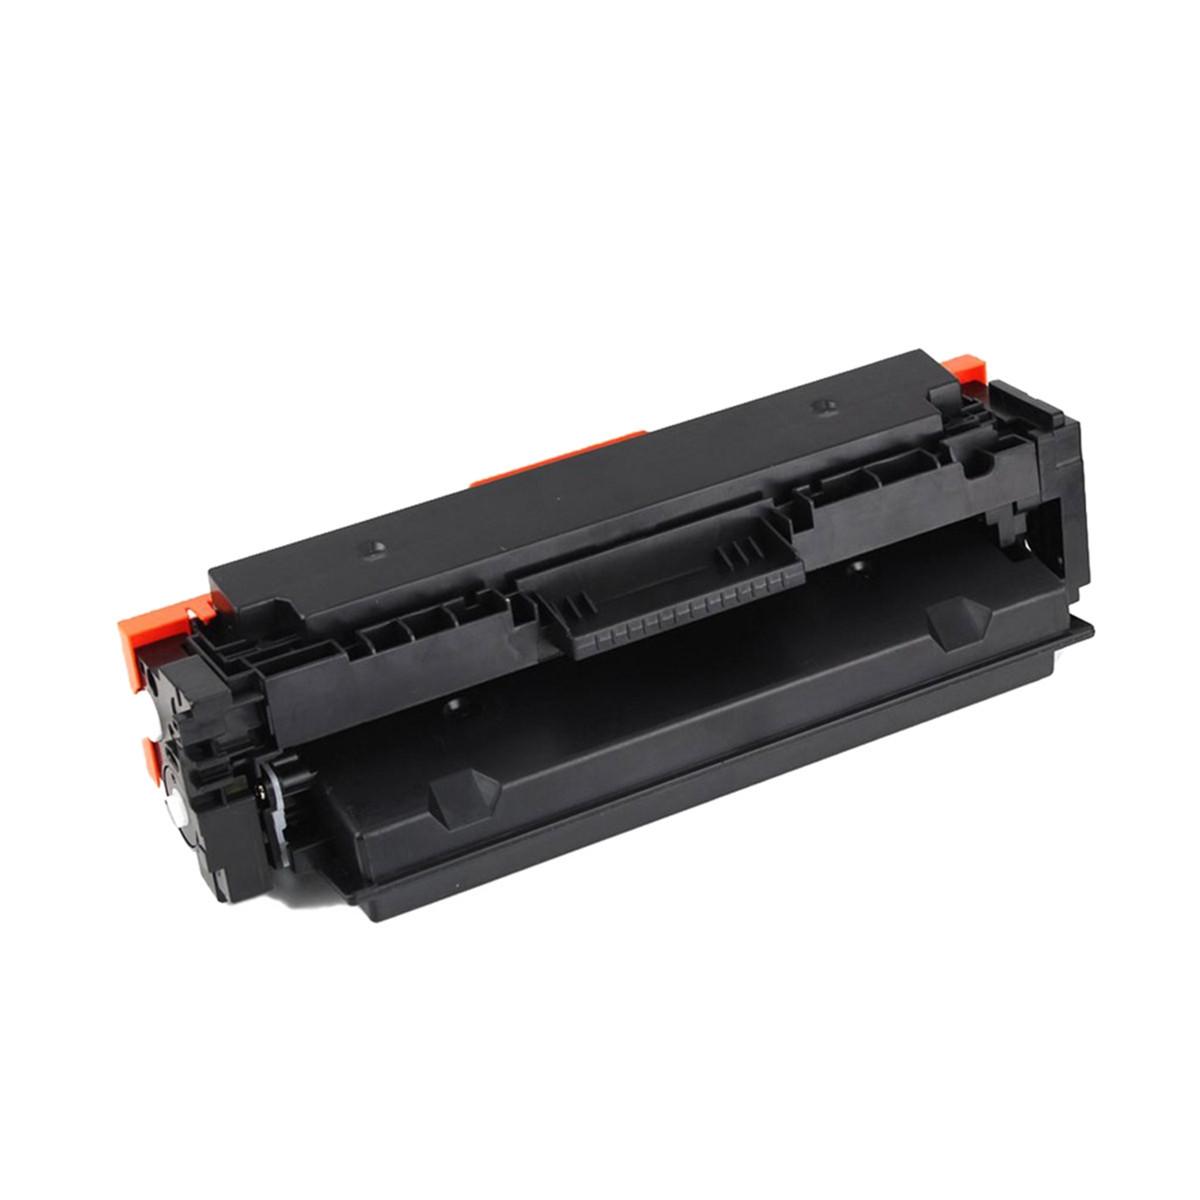 Toner Compatível com HP CF413X 410X Magenta | M452DN M452DW M452NW M477FDN M477FDW | Evolut 5k